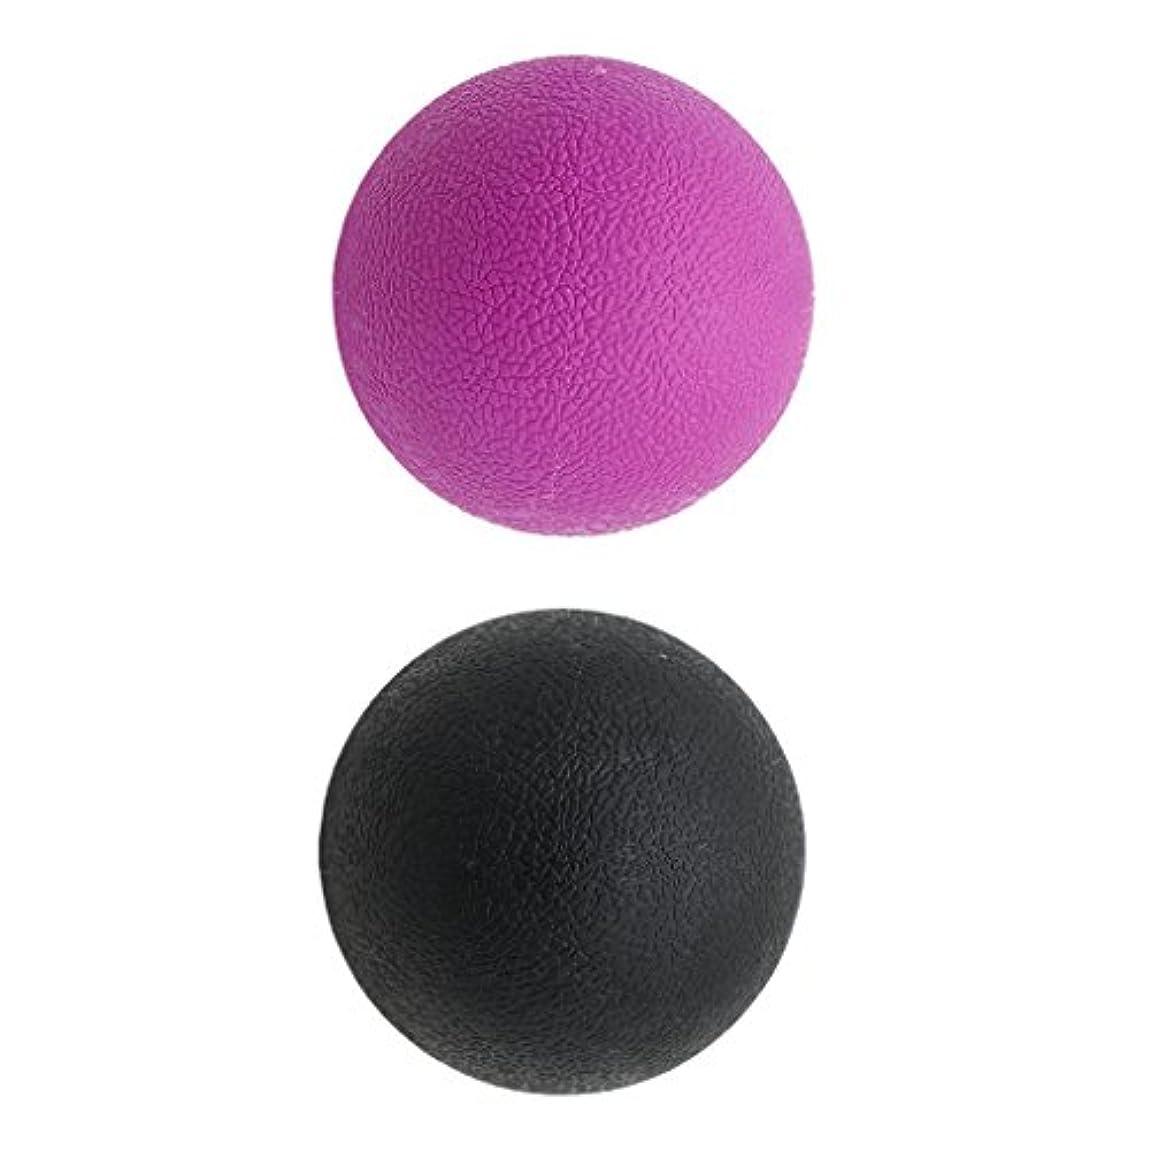 ポスターそれからピッチKesoto 2個 マッサージボール ラクロスボール 背部 トリガ ポイント マッサージ 多色選べる - ブラックパープル